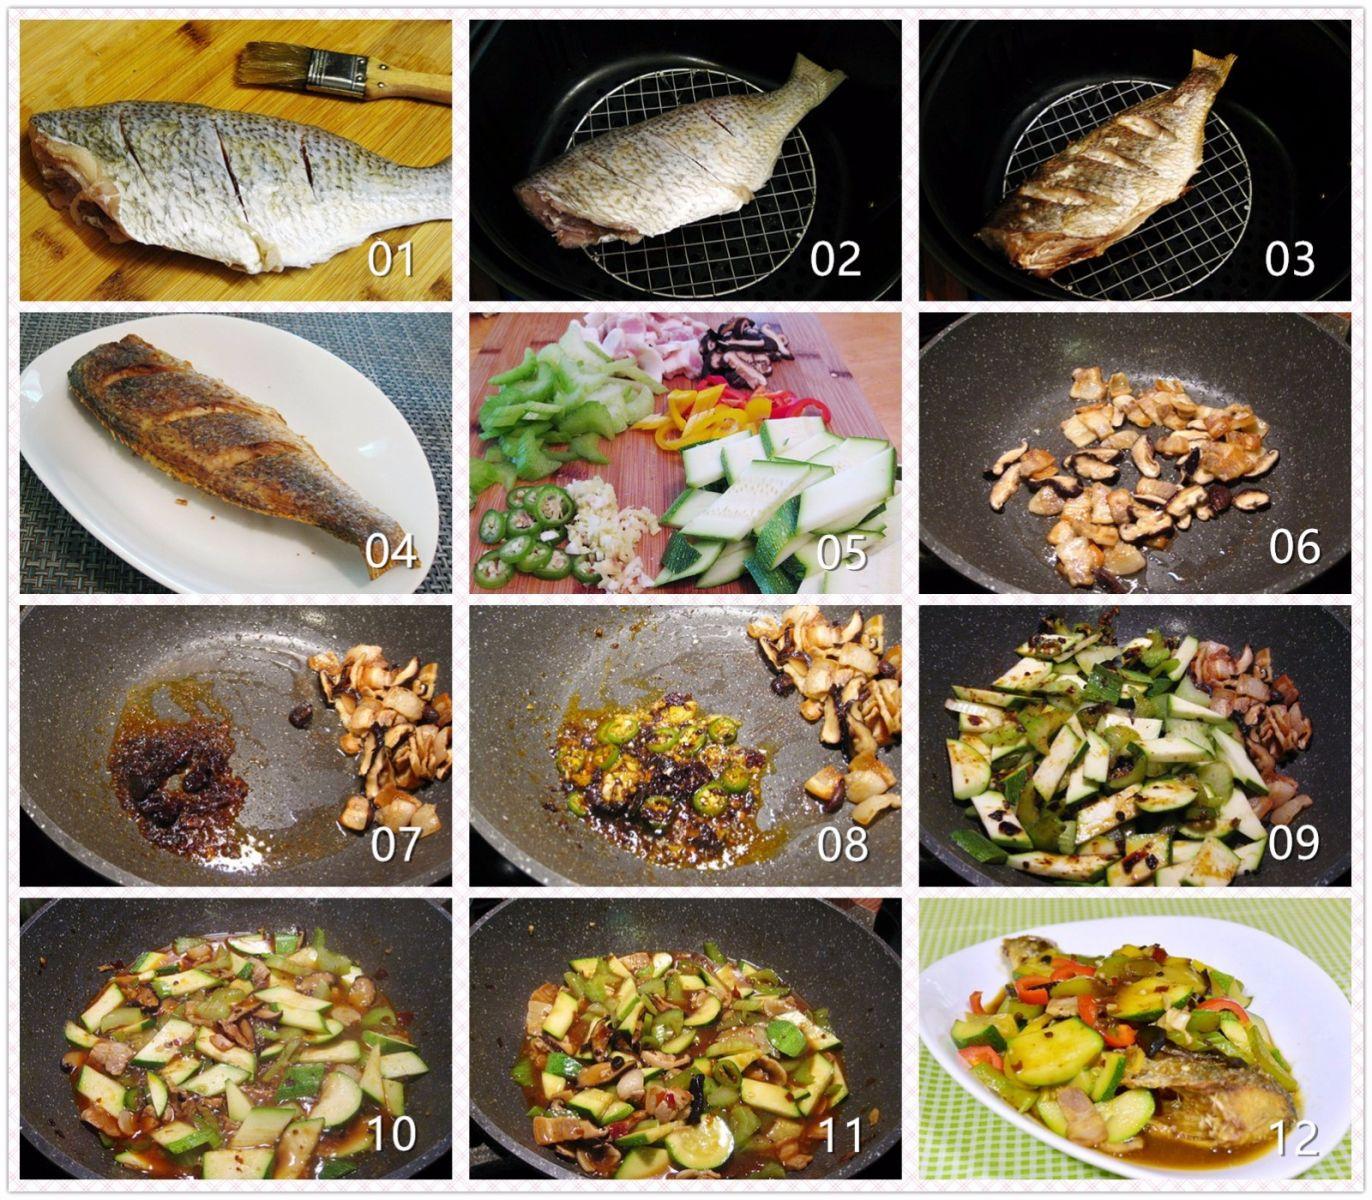 香辣蔬菜铺烤鱼_图1-2